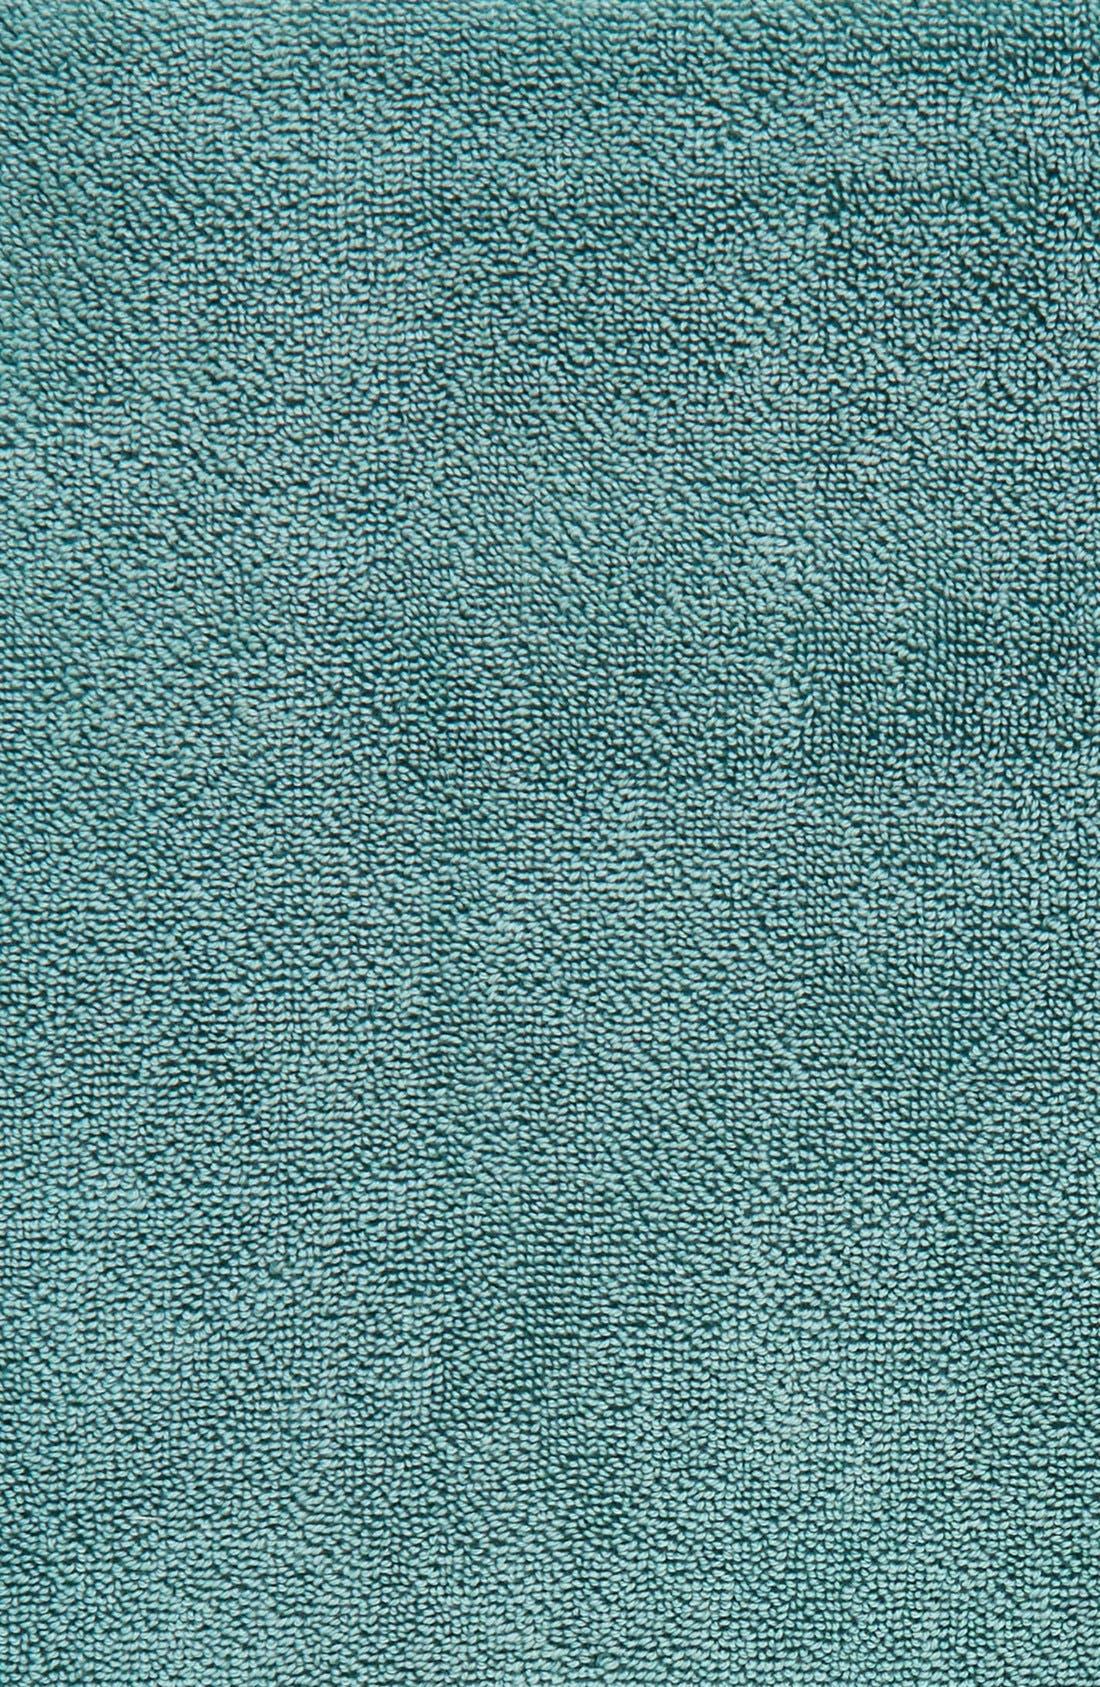 Alternate Image 2  - Waterworks Studio 'Perennial' Turkish Cotton Bath Towel (Online Only)